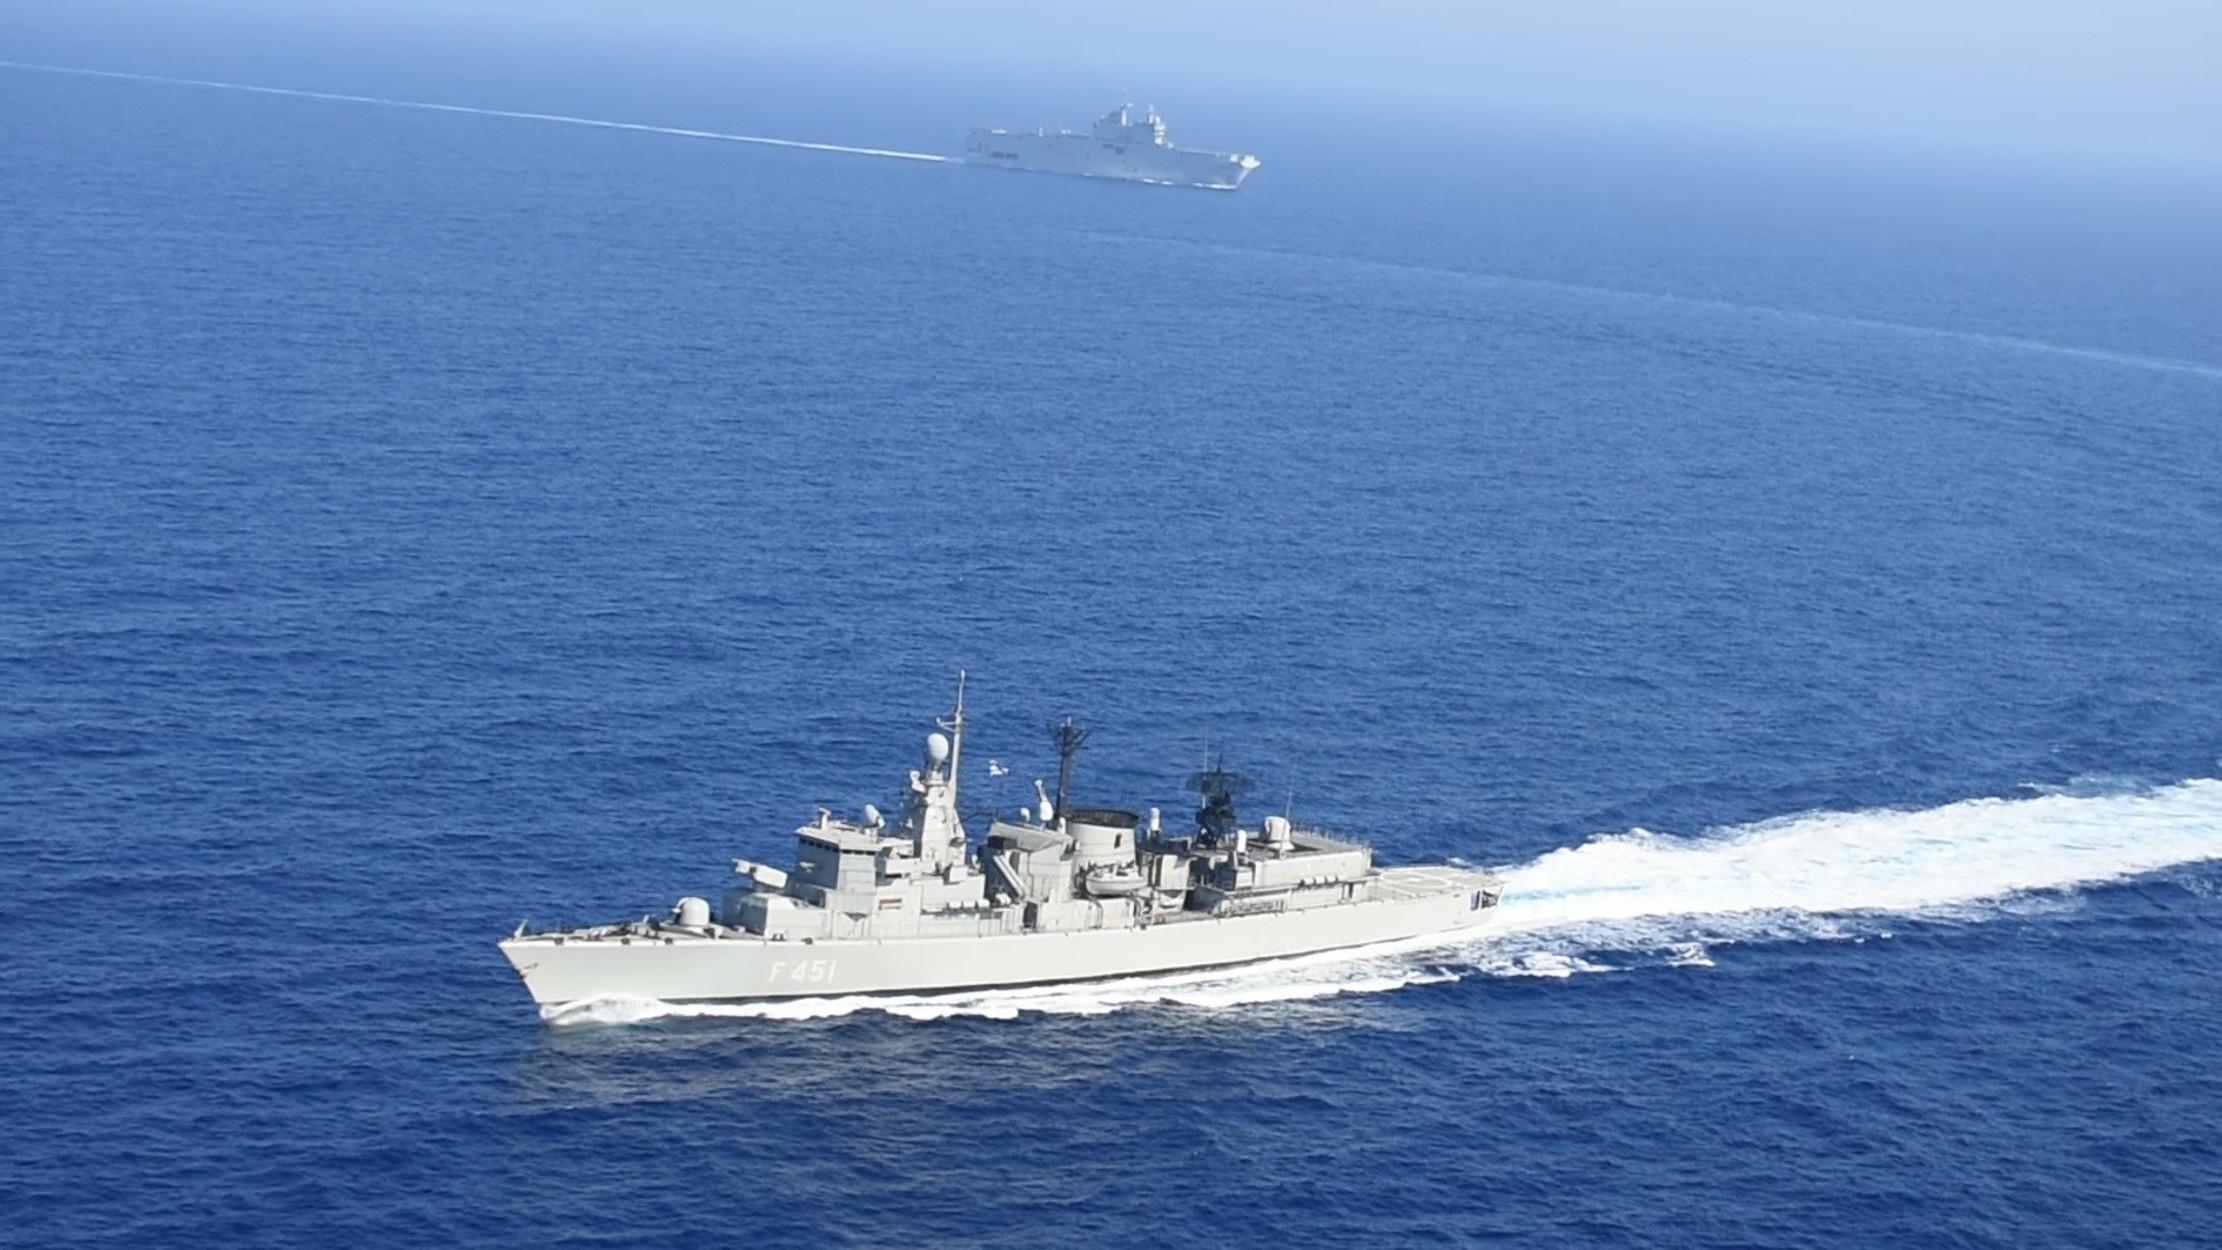 """""""Λήμνος"""": Το παρ' ολίγον """"θερμό"""" επεισόδιο – Το λάθος του Τούρκου κυβερνήτη και η πρόσκρουση με το ελληνικό πλοίο"""